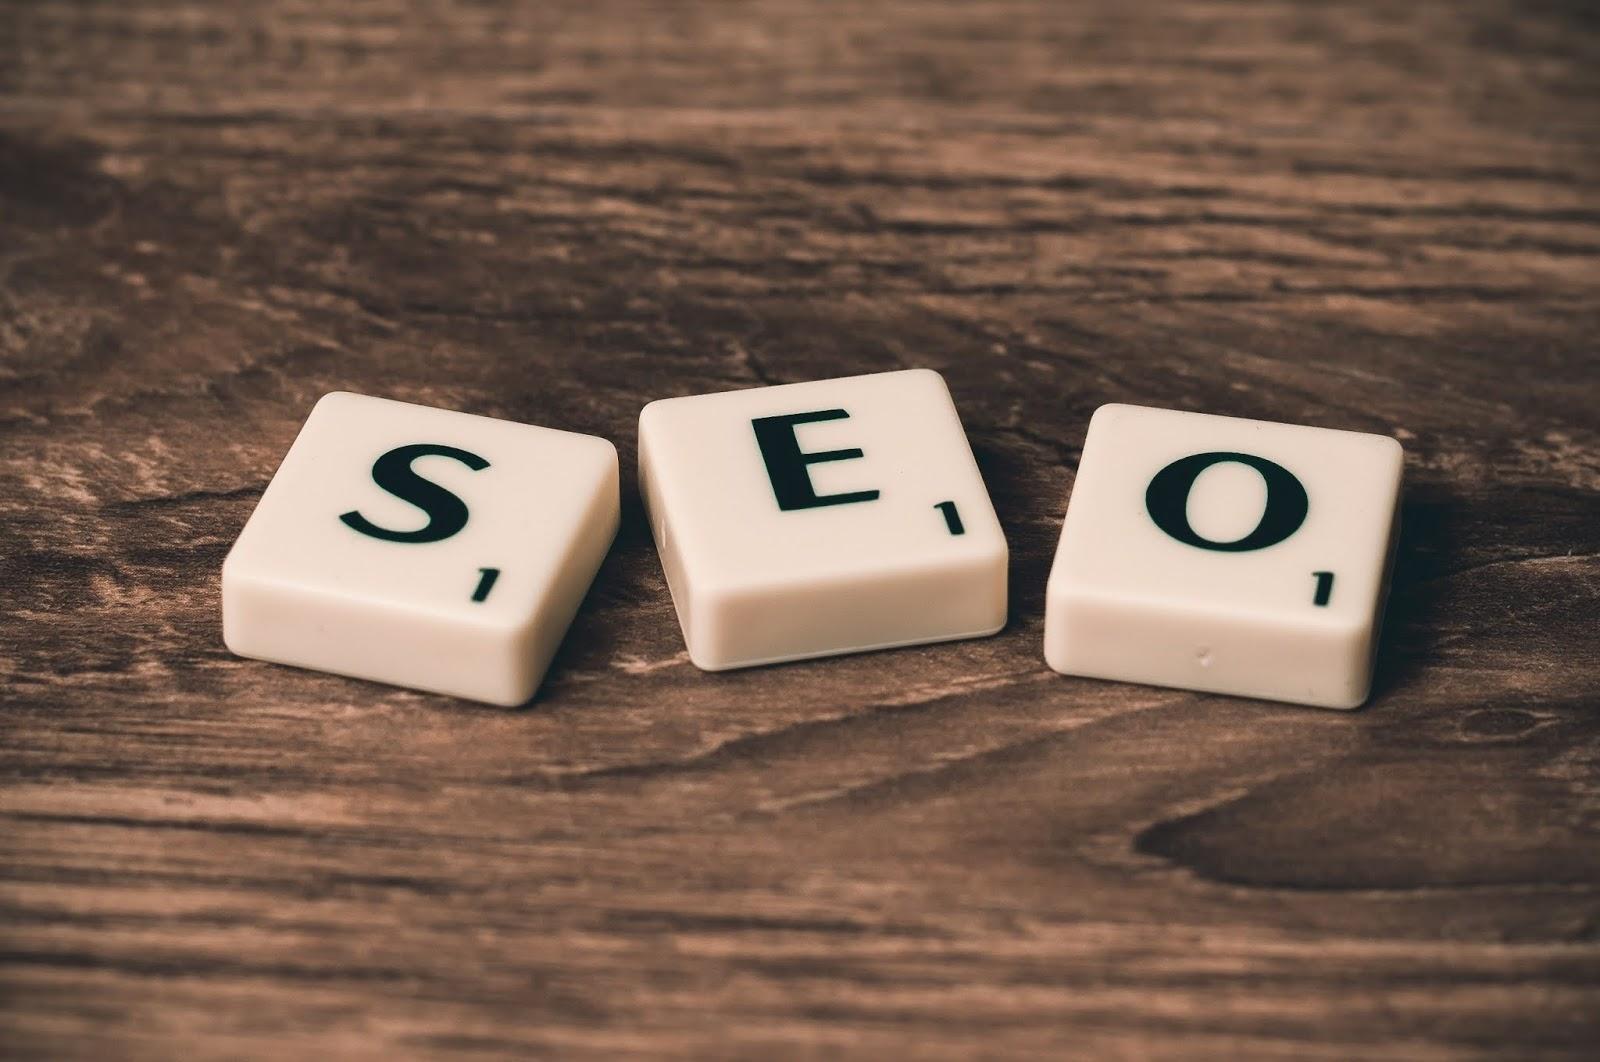 السيو SEO ما هو؟ وكيف تهيئه بموقعك الإلكتروني لتصدر نتائج محركات البحث في الانترنت؟